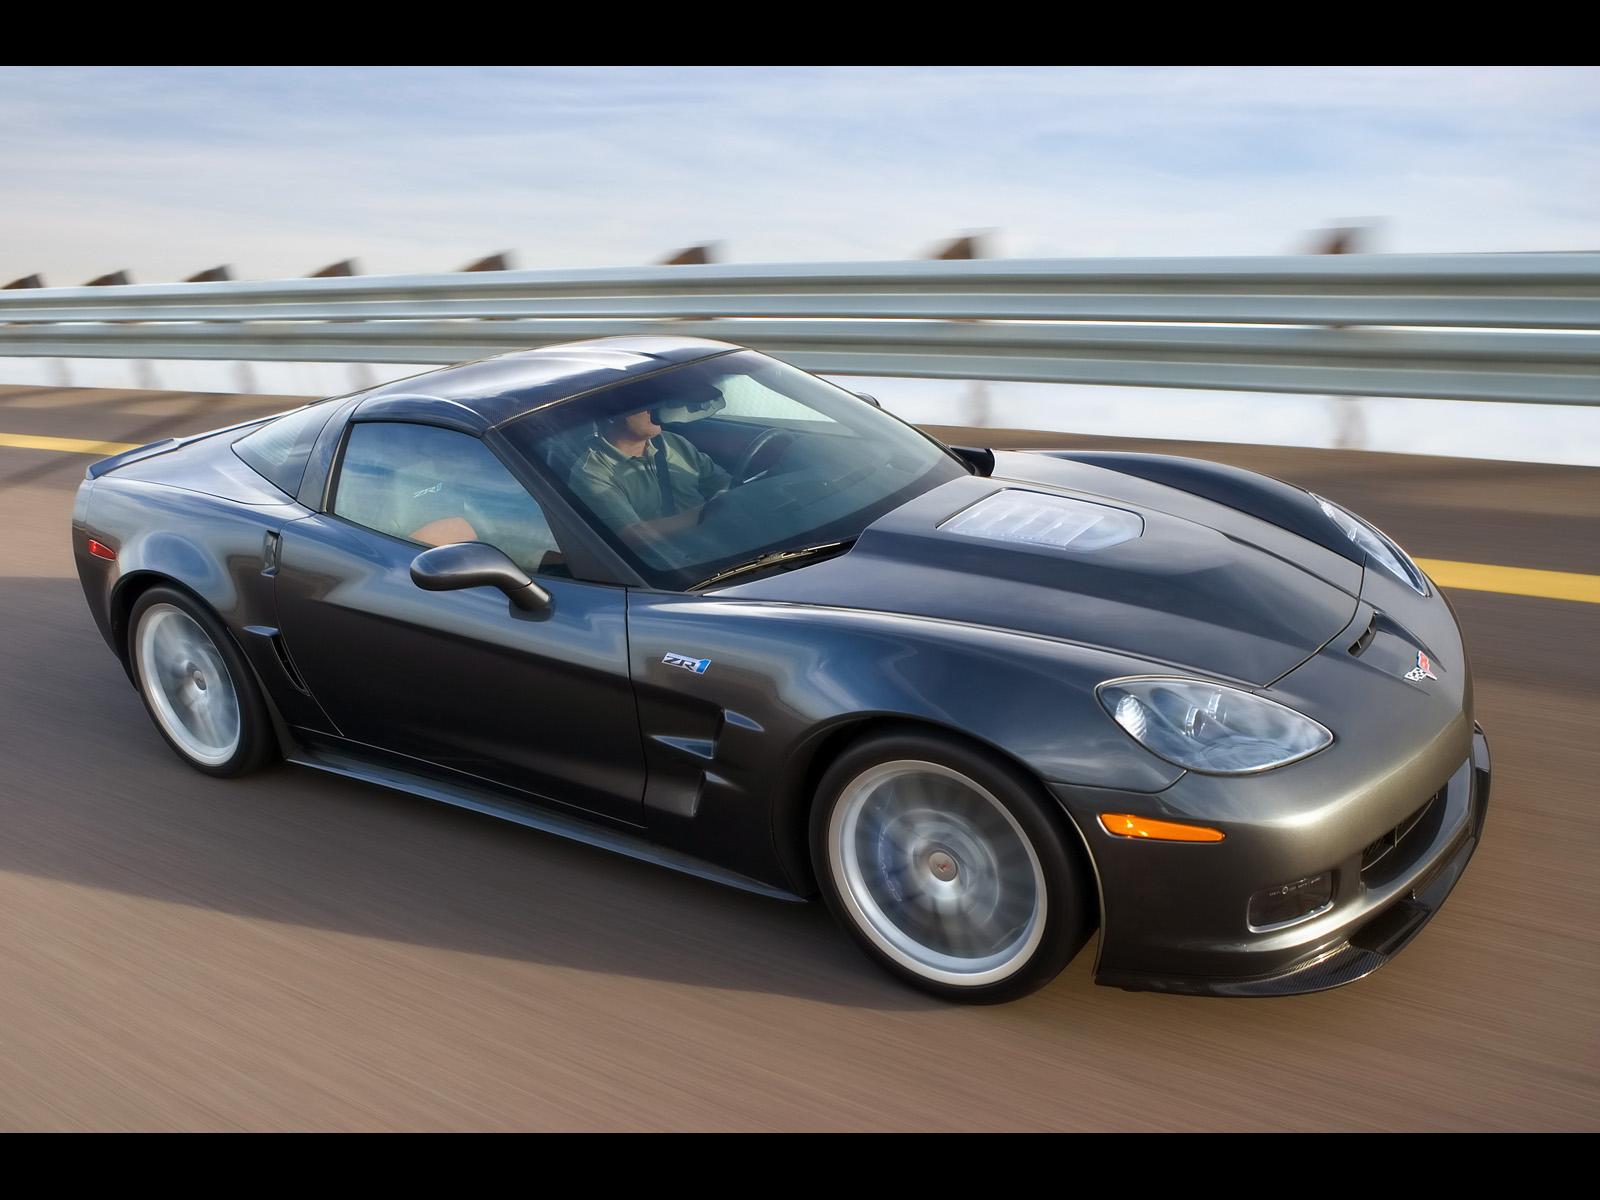 http://1.bp.blogspot.com/-EN9zLrk7FG0/T0neJRRq_9I/AAAAAAAAAbQ/sB_49C3zdnI/s1600/Chevy+Corvette+ZR1+Cars+Wallpapers+1.jpg